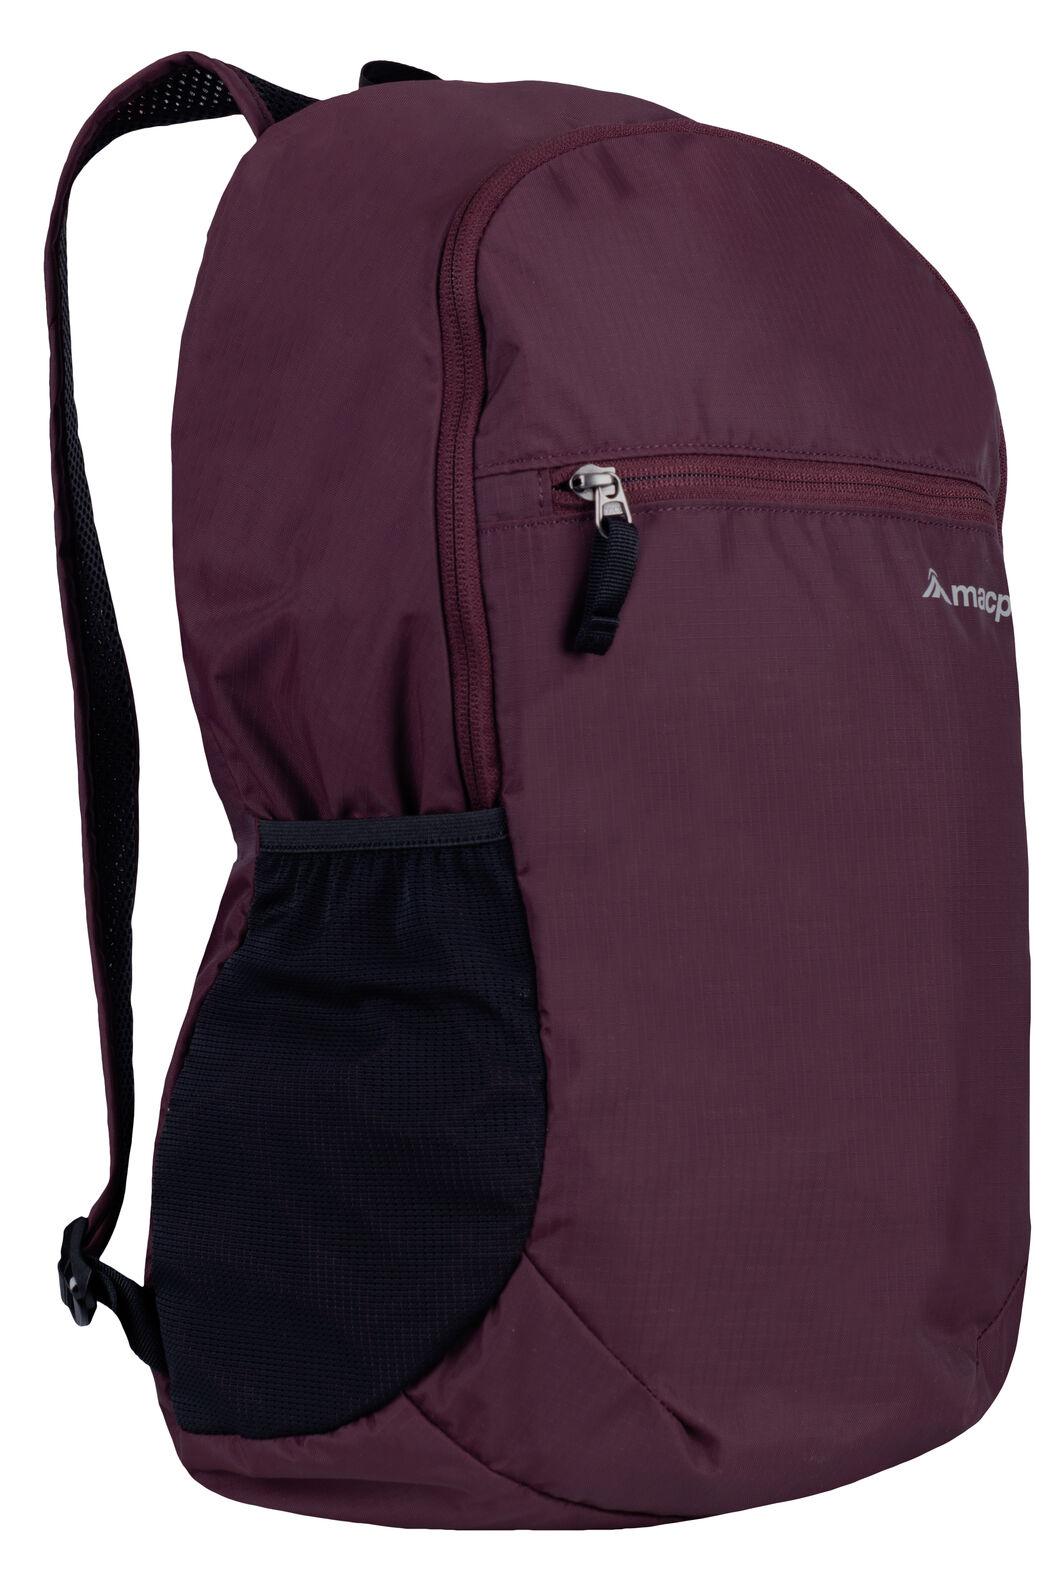 Macpac Pack-It-Pack, Winetasting, hi-res